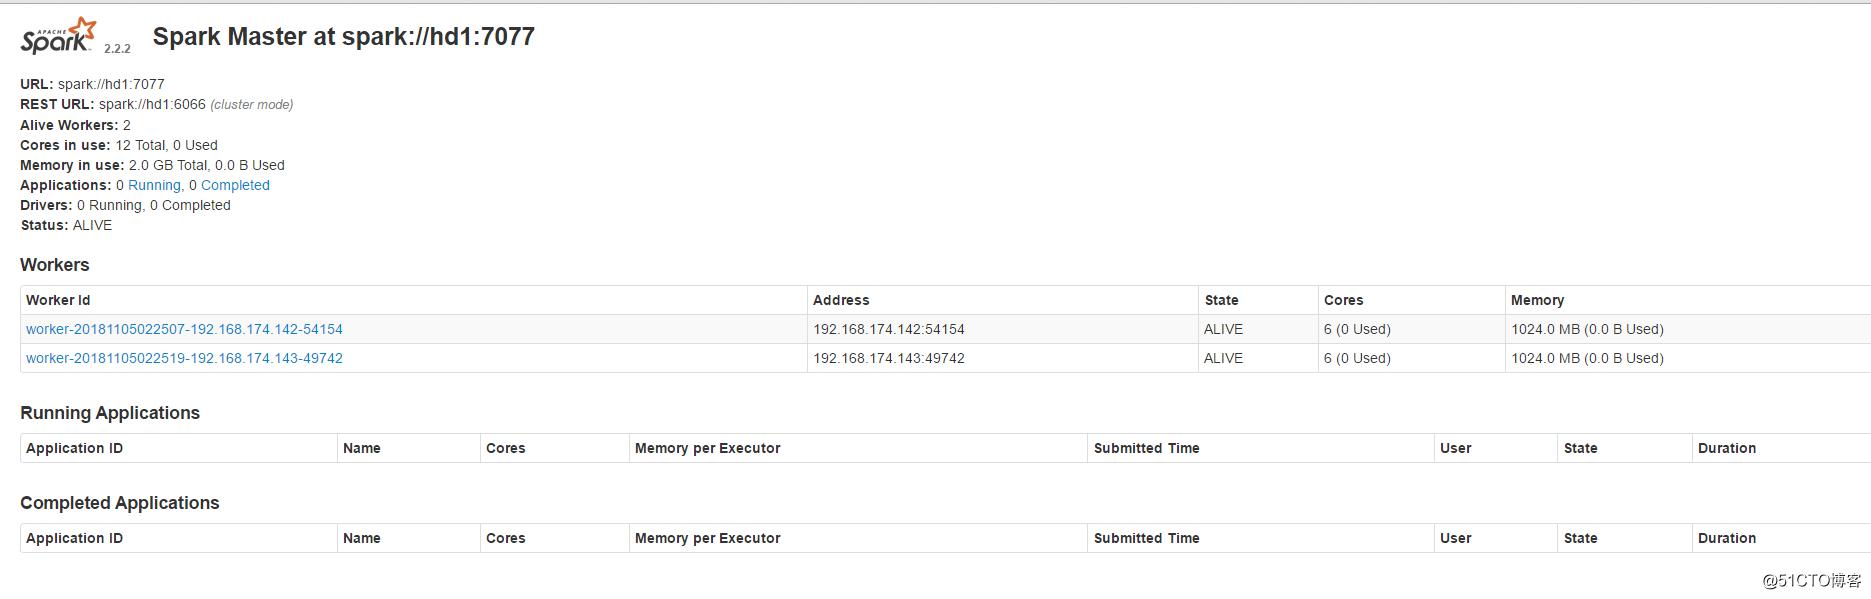 大数据分布式平台Hadoop2.7.7 + Spark2.2.2搭建